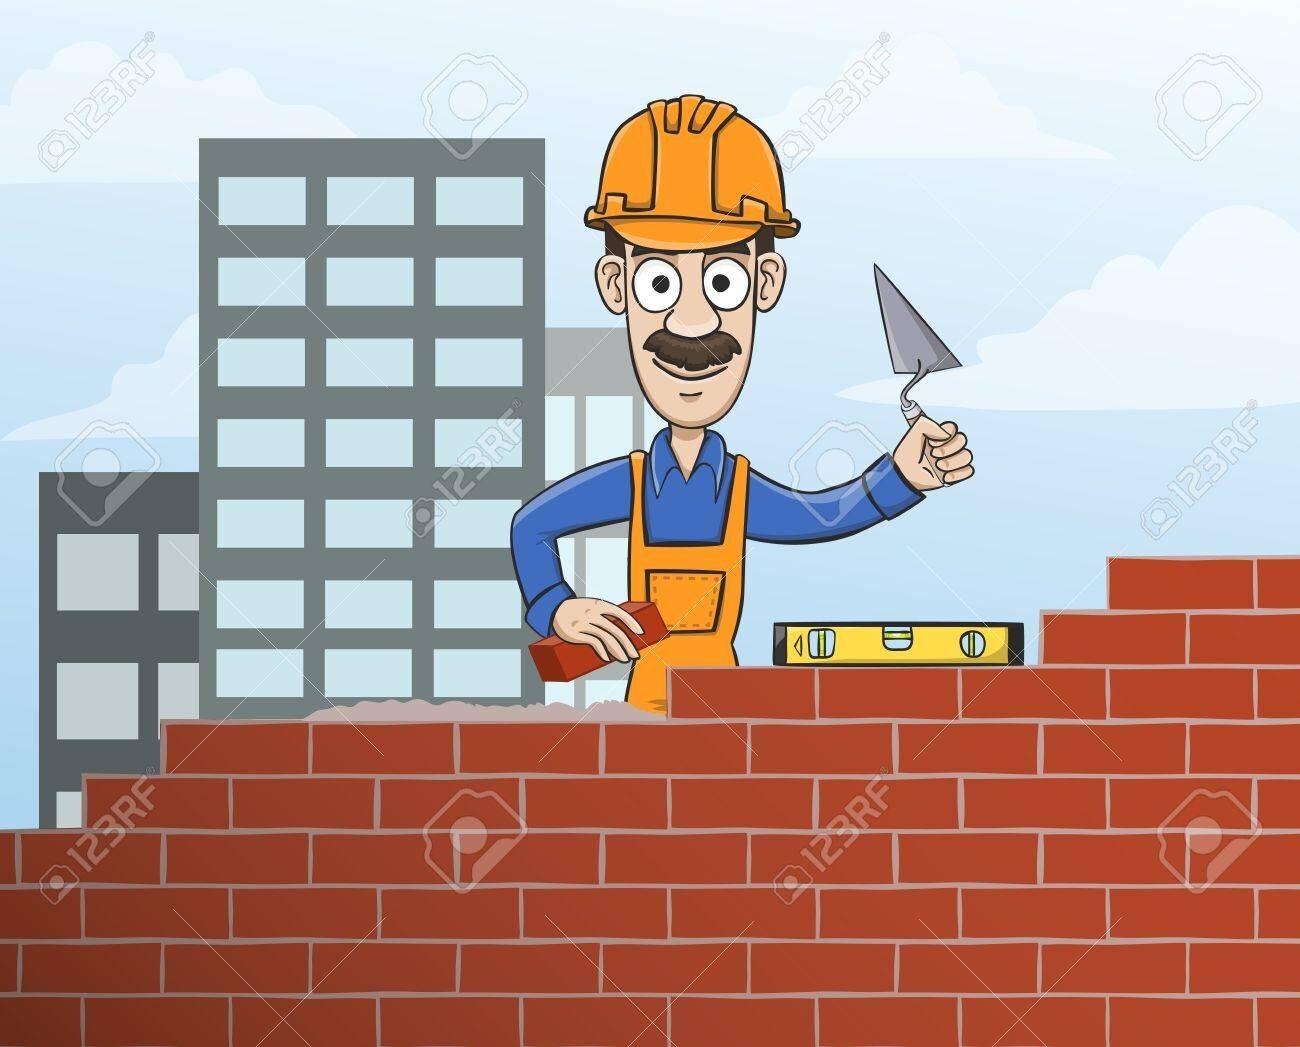 27139909-chantier-de-construction-maçon-travailleur-dans-le-casque-construction-mur-de-brique-rouge-avec-le-vec.jpg